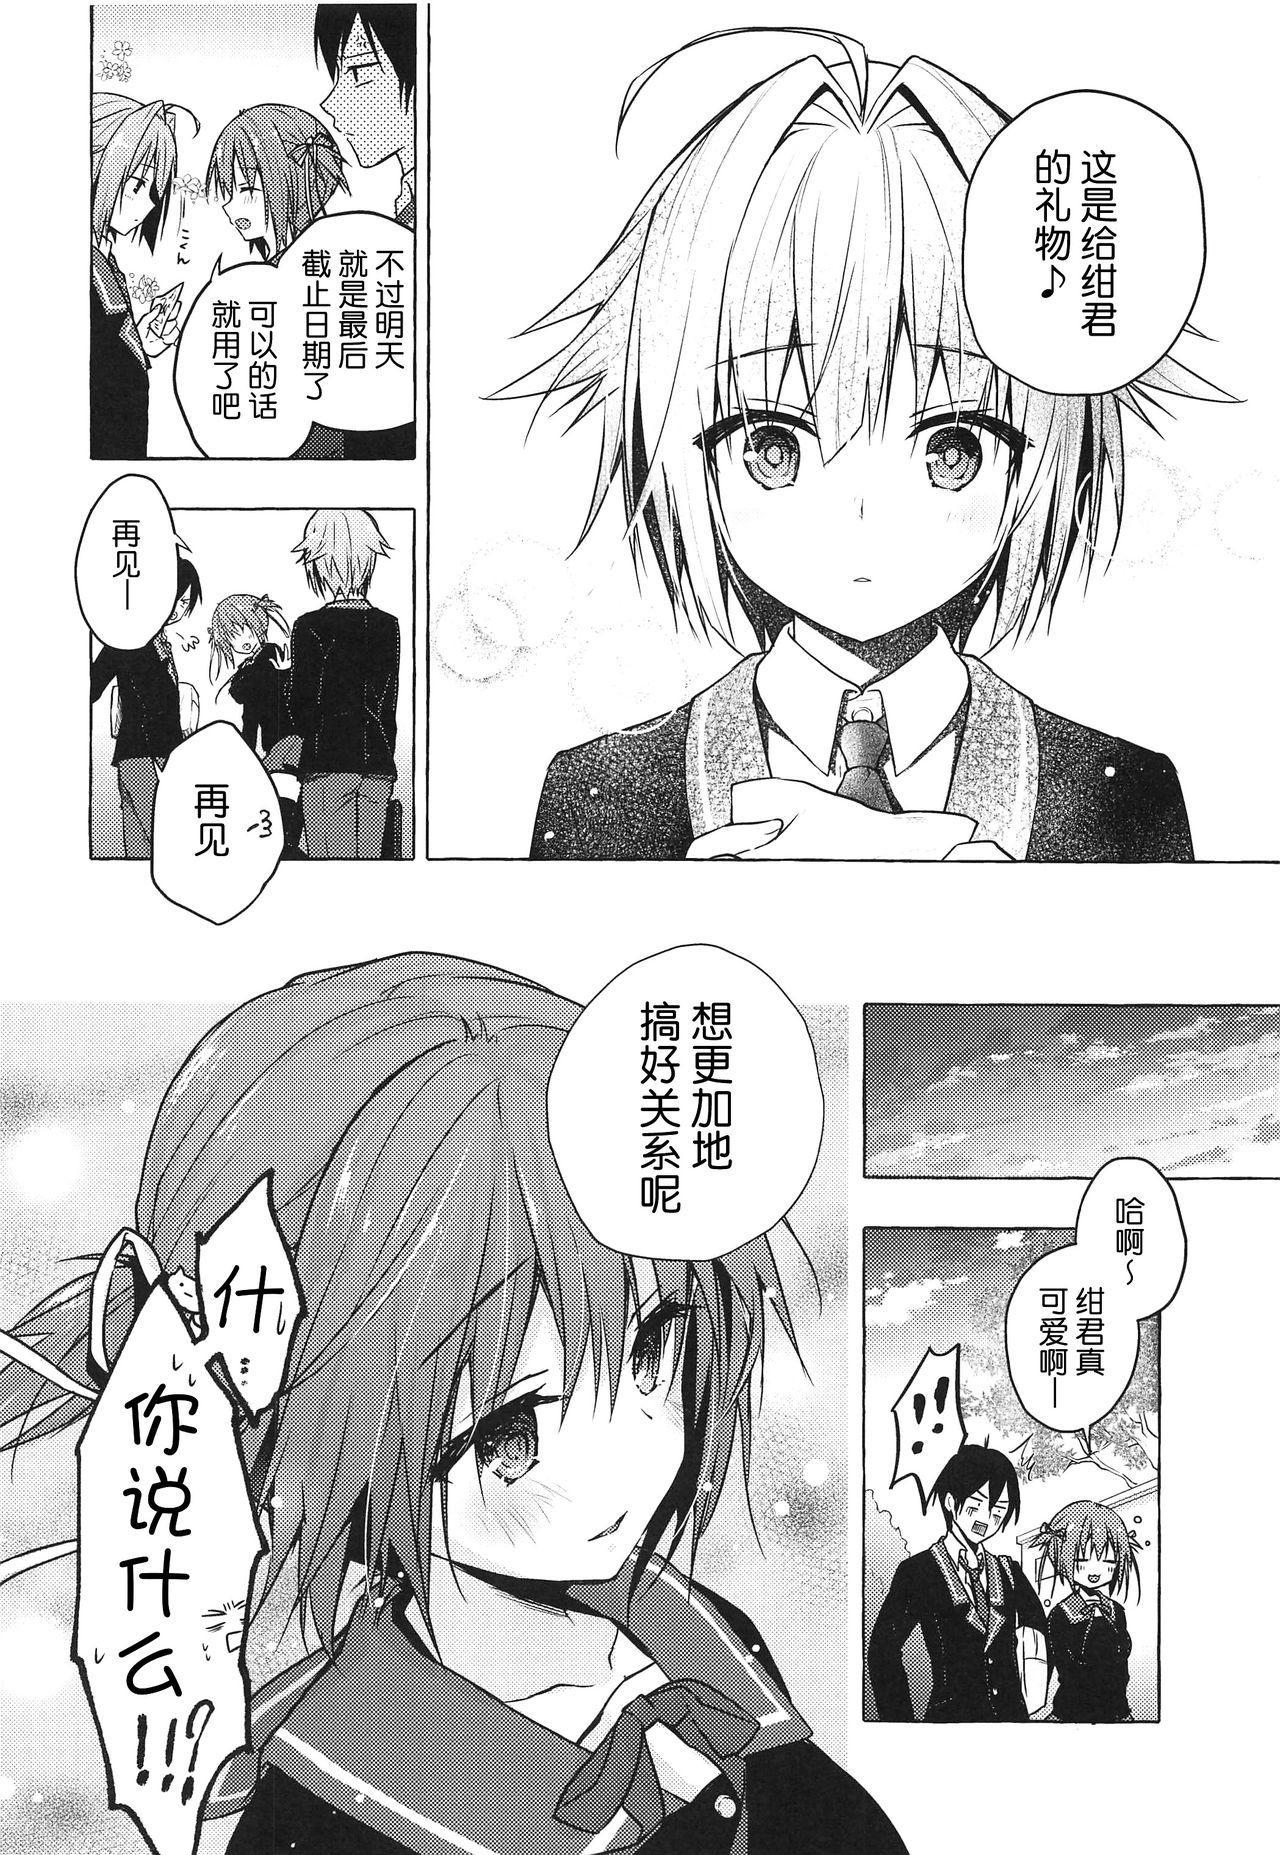 (COMIC1☆15) [KINOKONOMI (konomi)] Nyancology 8 -Otomari ni Kita Nekoda-san to no Himitsu- [Chinese] [路过的rlx个人练习汉化] 10